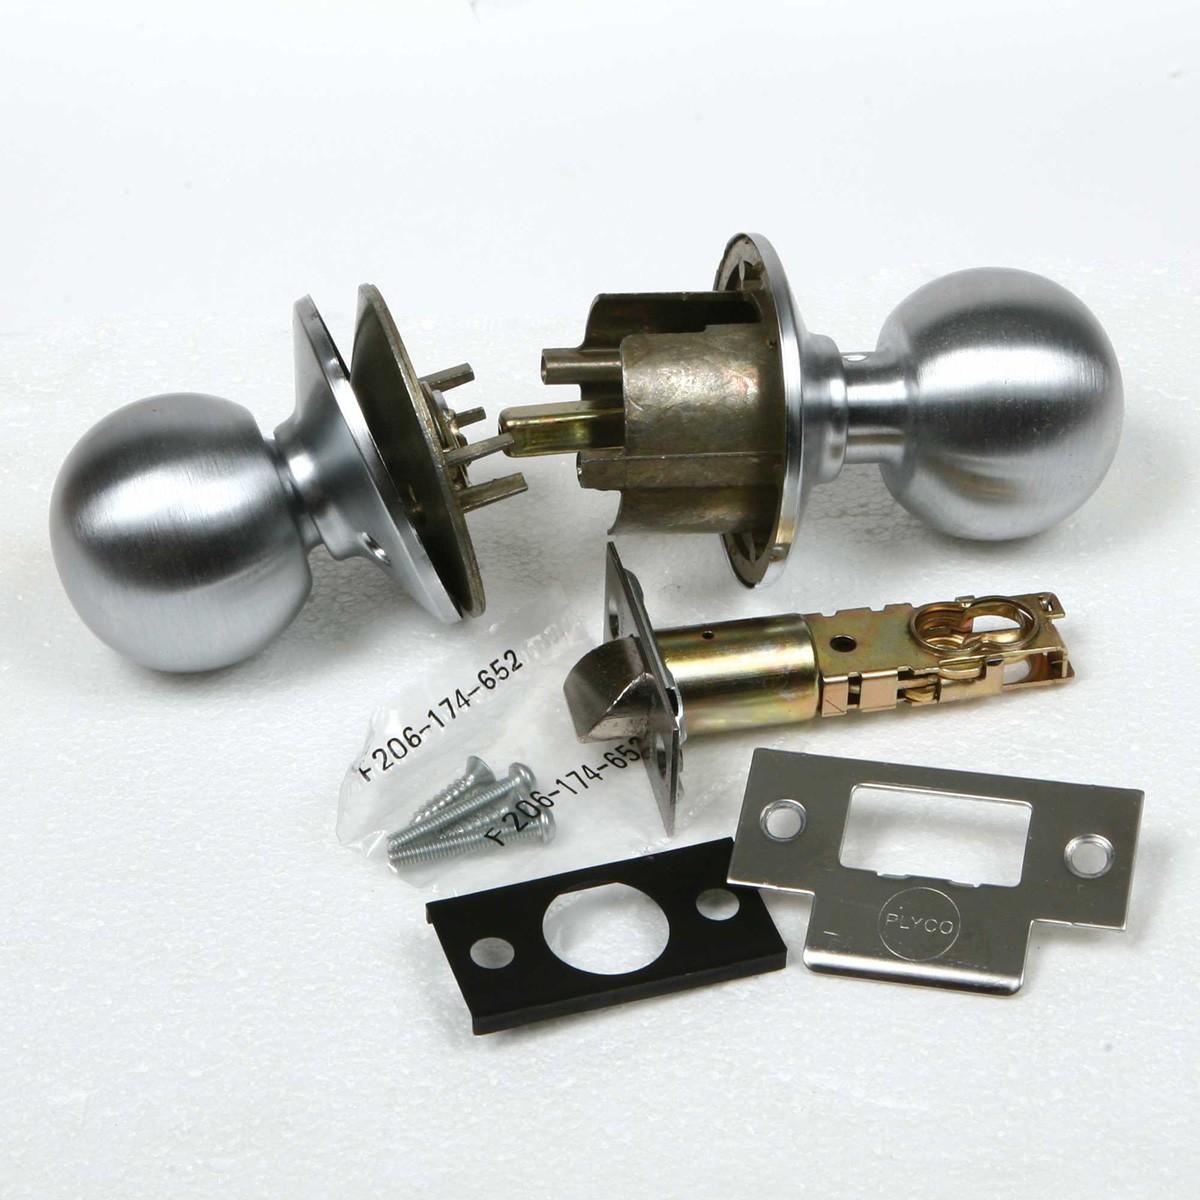 door knob parts photo - 4